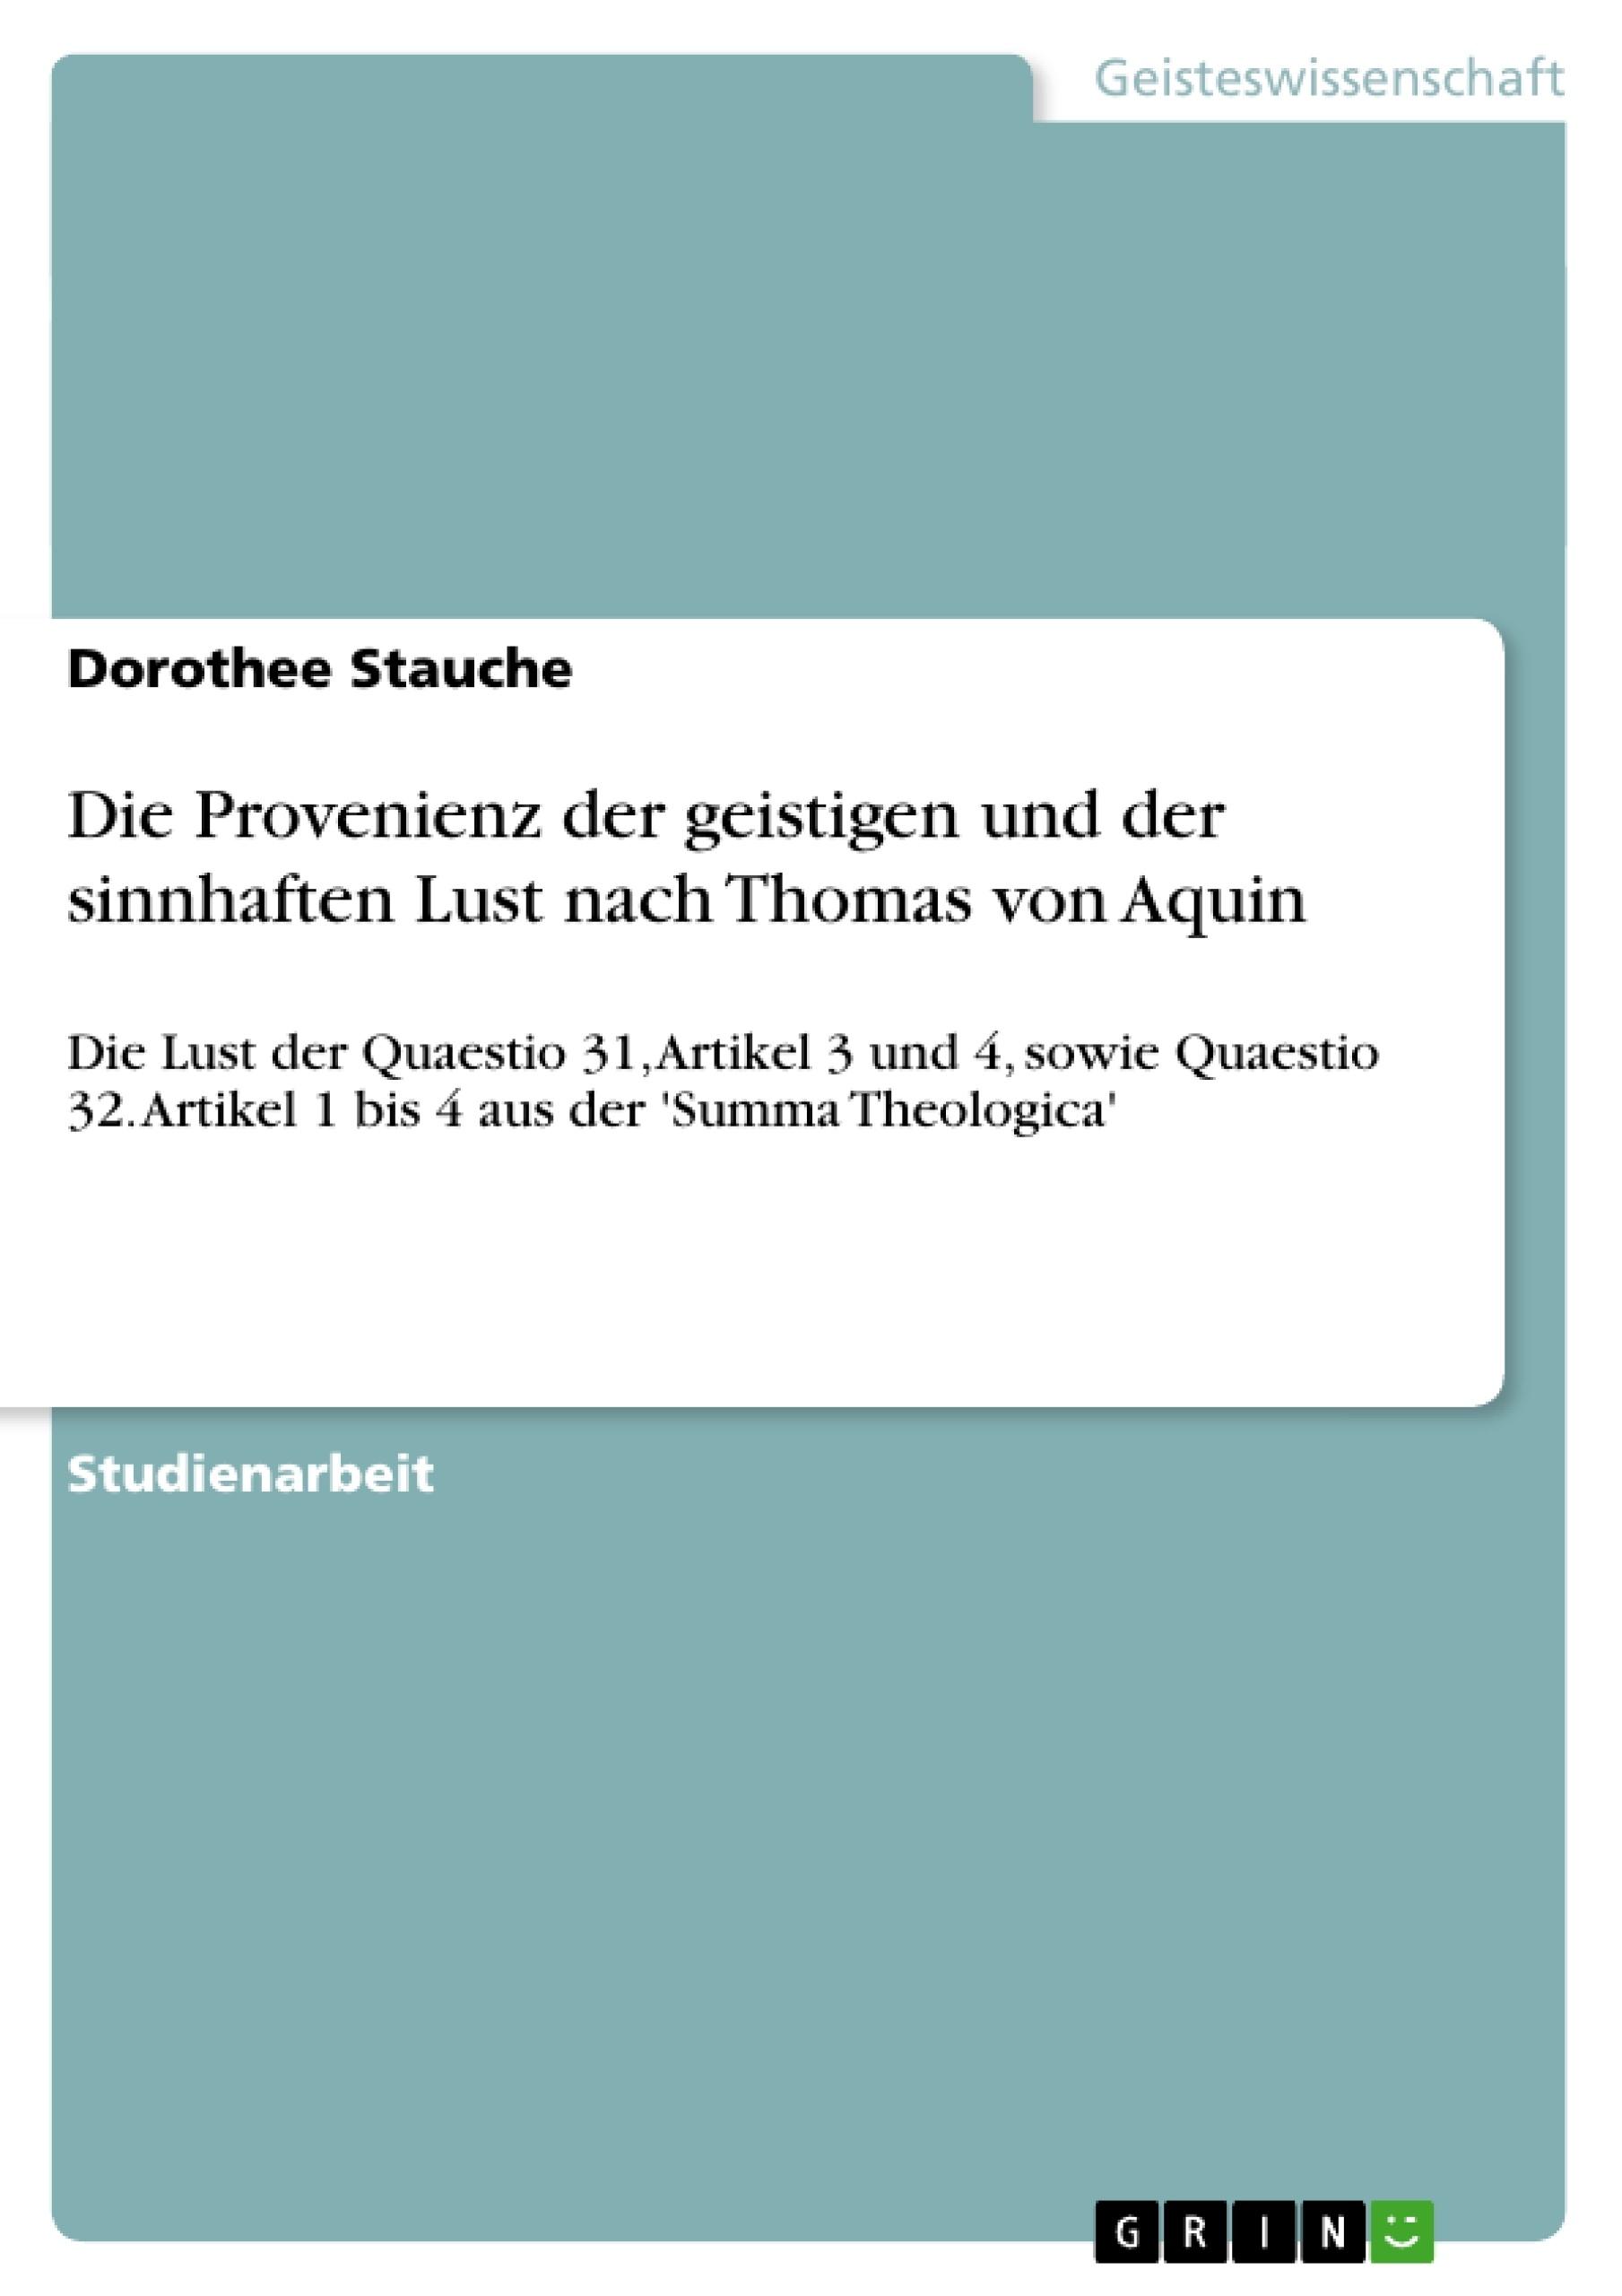 Titel: Die Provenienz der geistigen und der sinnhaften Lust nach Thomas von Aquin